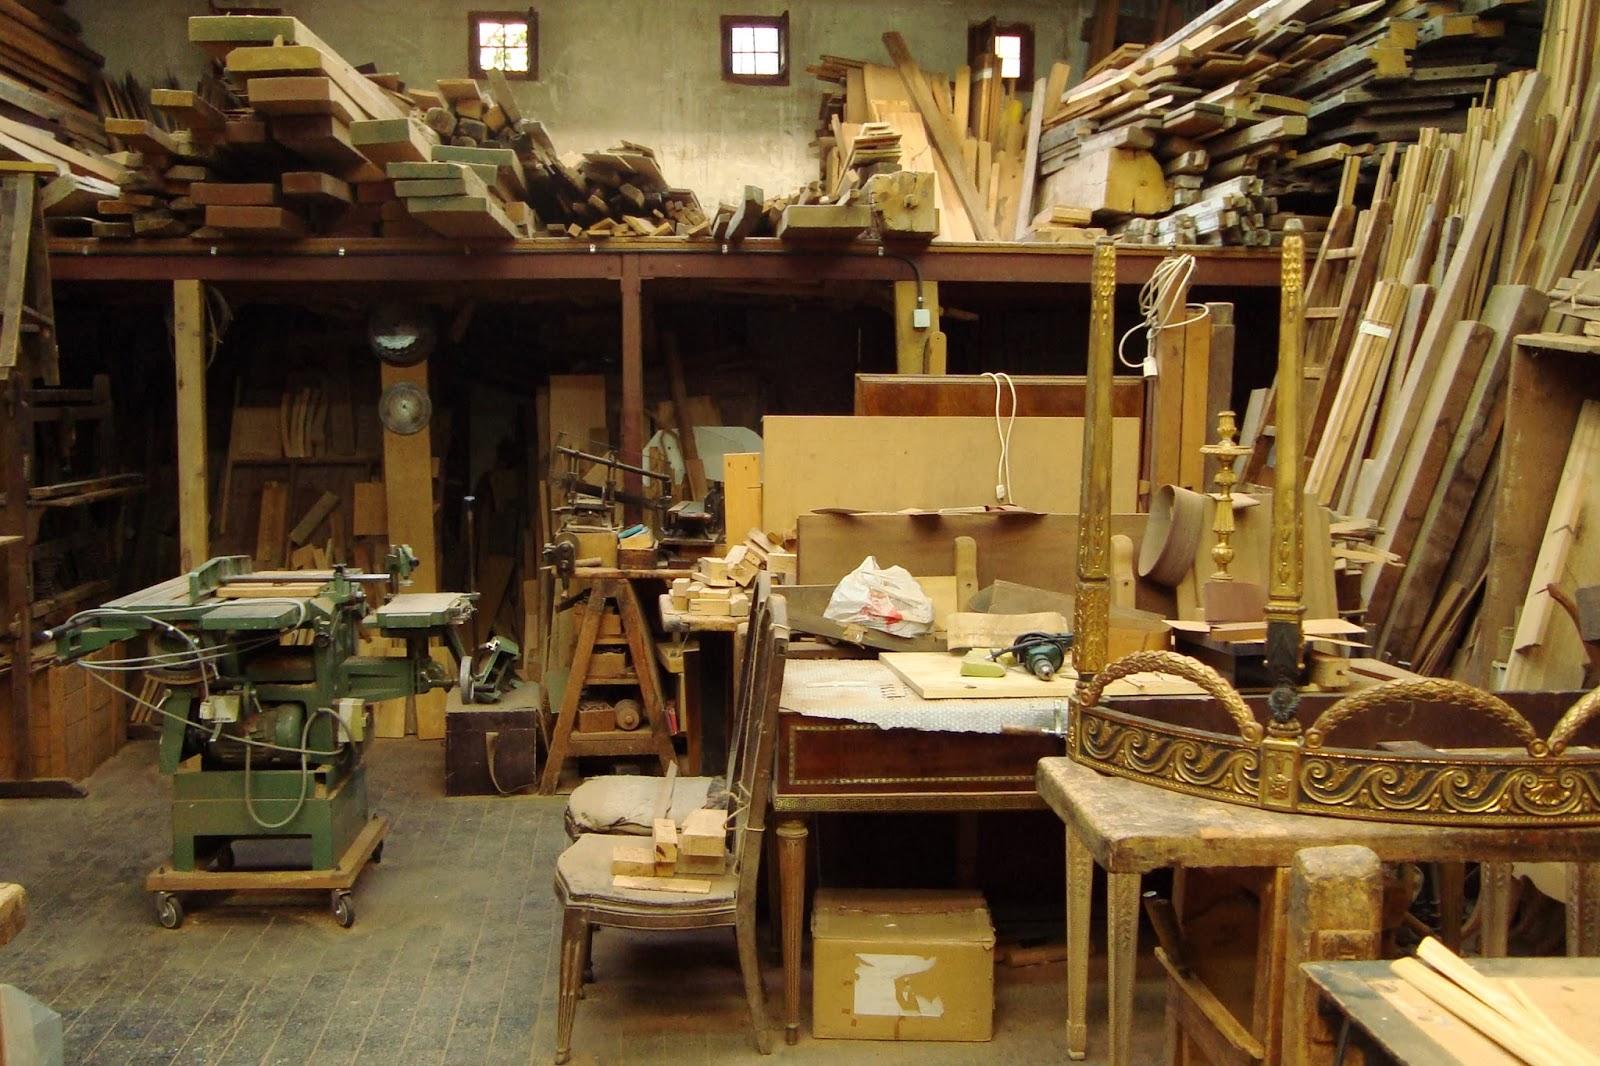 Carlos vicente el bailar n restauraci n de antig edades ebanister a muebles y decoraci n - Taller de restauracion de muebles ...